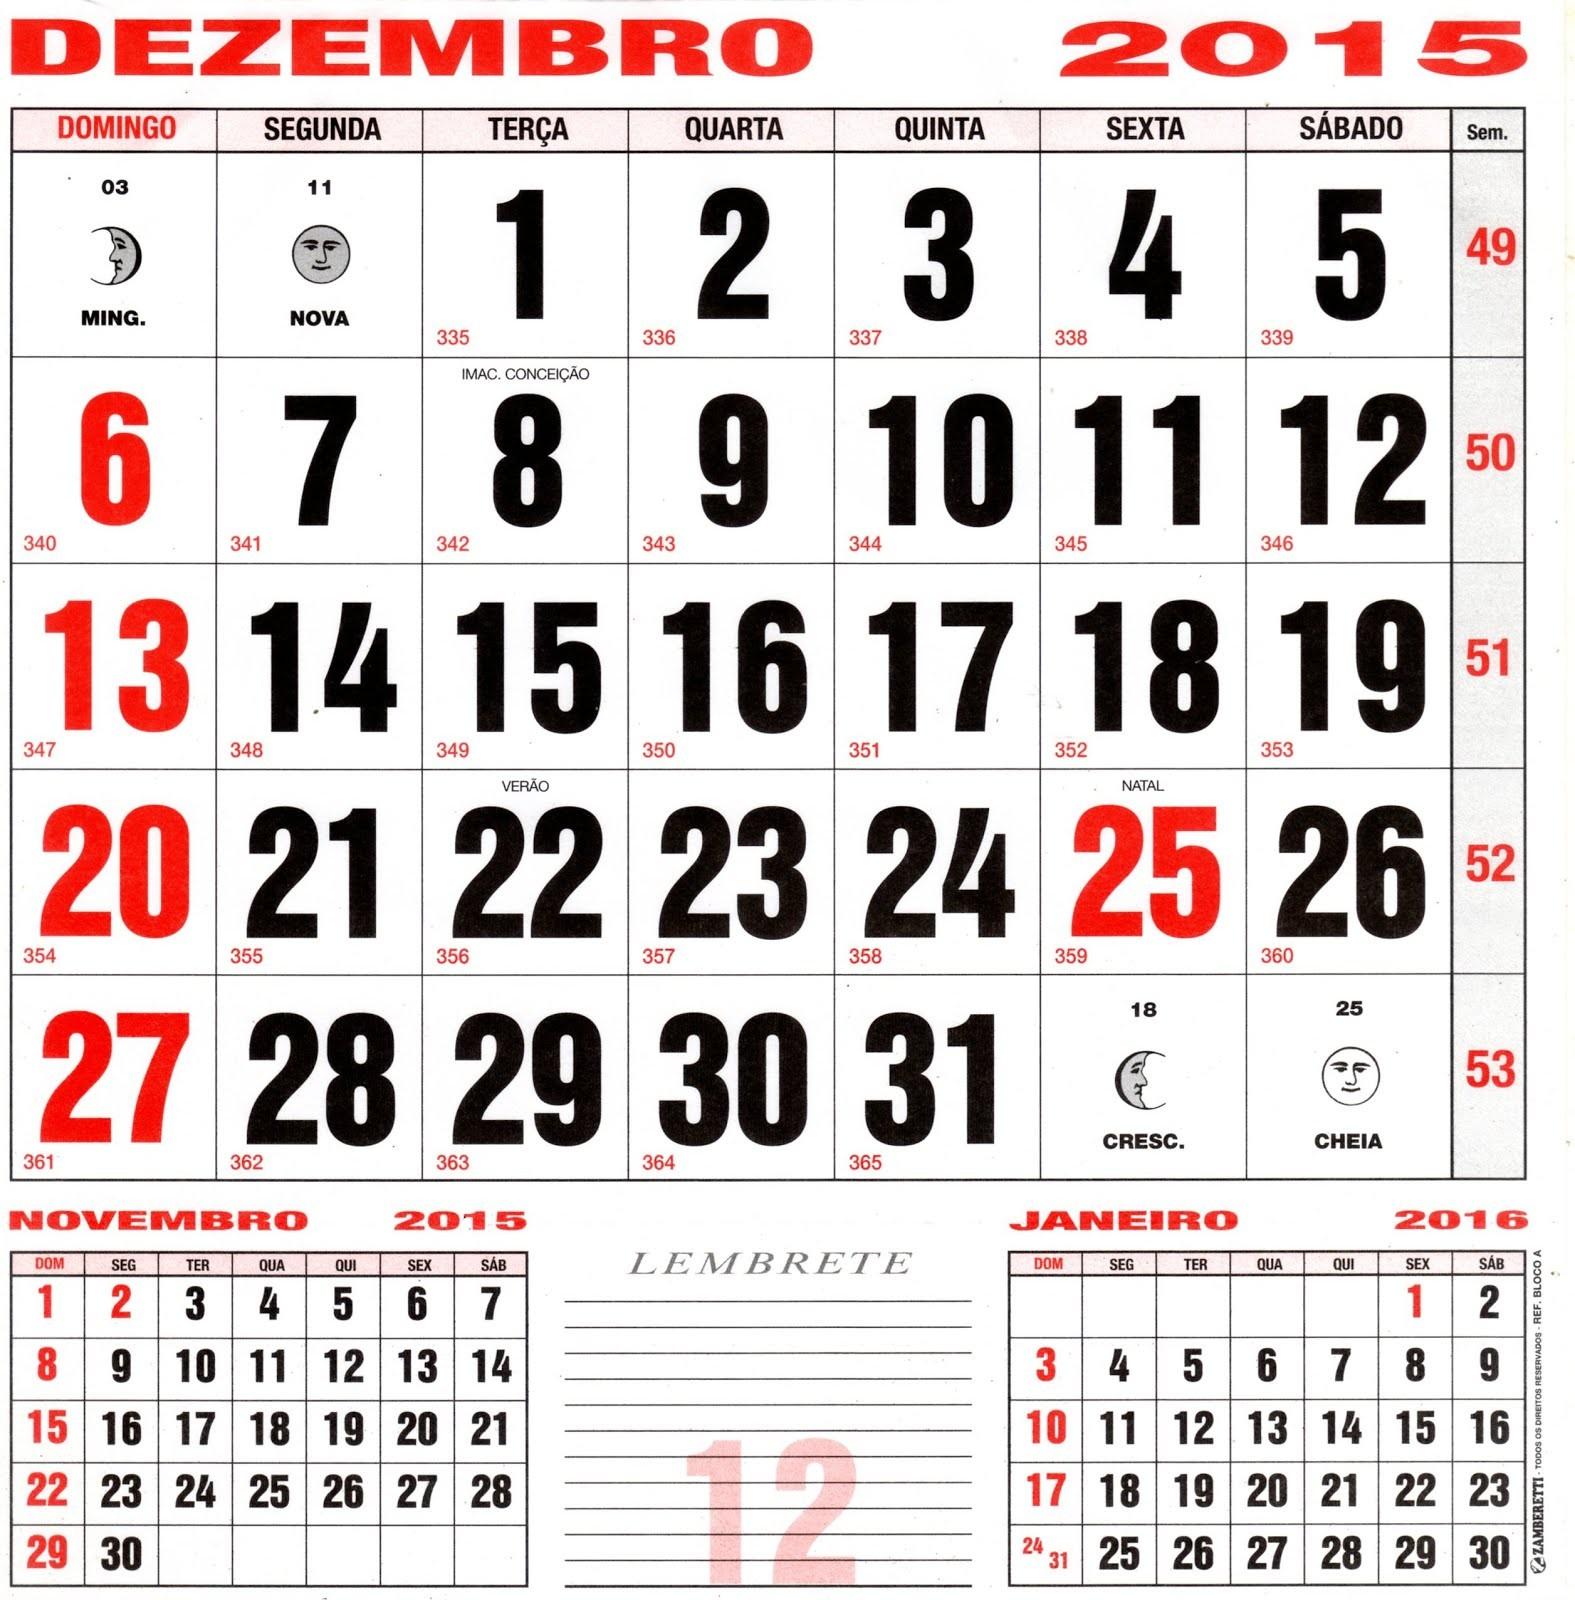 Calendário 2019 Para Imprimir Com Feriados Rj Más Actual 93 2 Dezembro Dezembro Imagem 2 Revista Ser Educacional Lei N Of Calendário 2019 Para Imprimir Com Feriados Rj Recientes 93 2 Dezembro Dezembro Imagem 2 Revista Ser Educacional Lei N